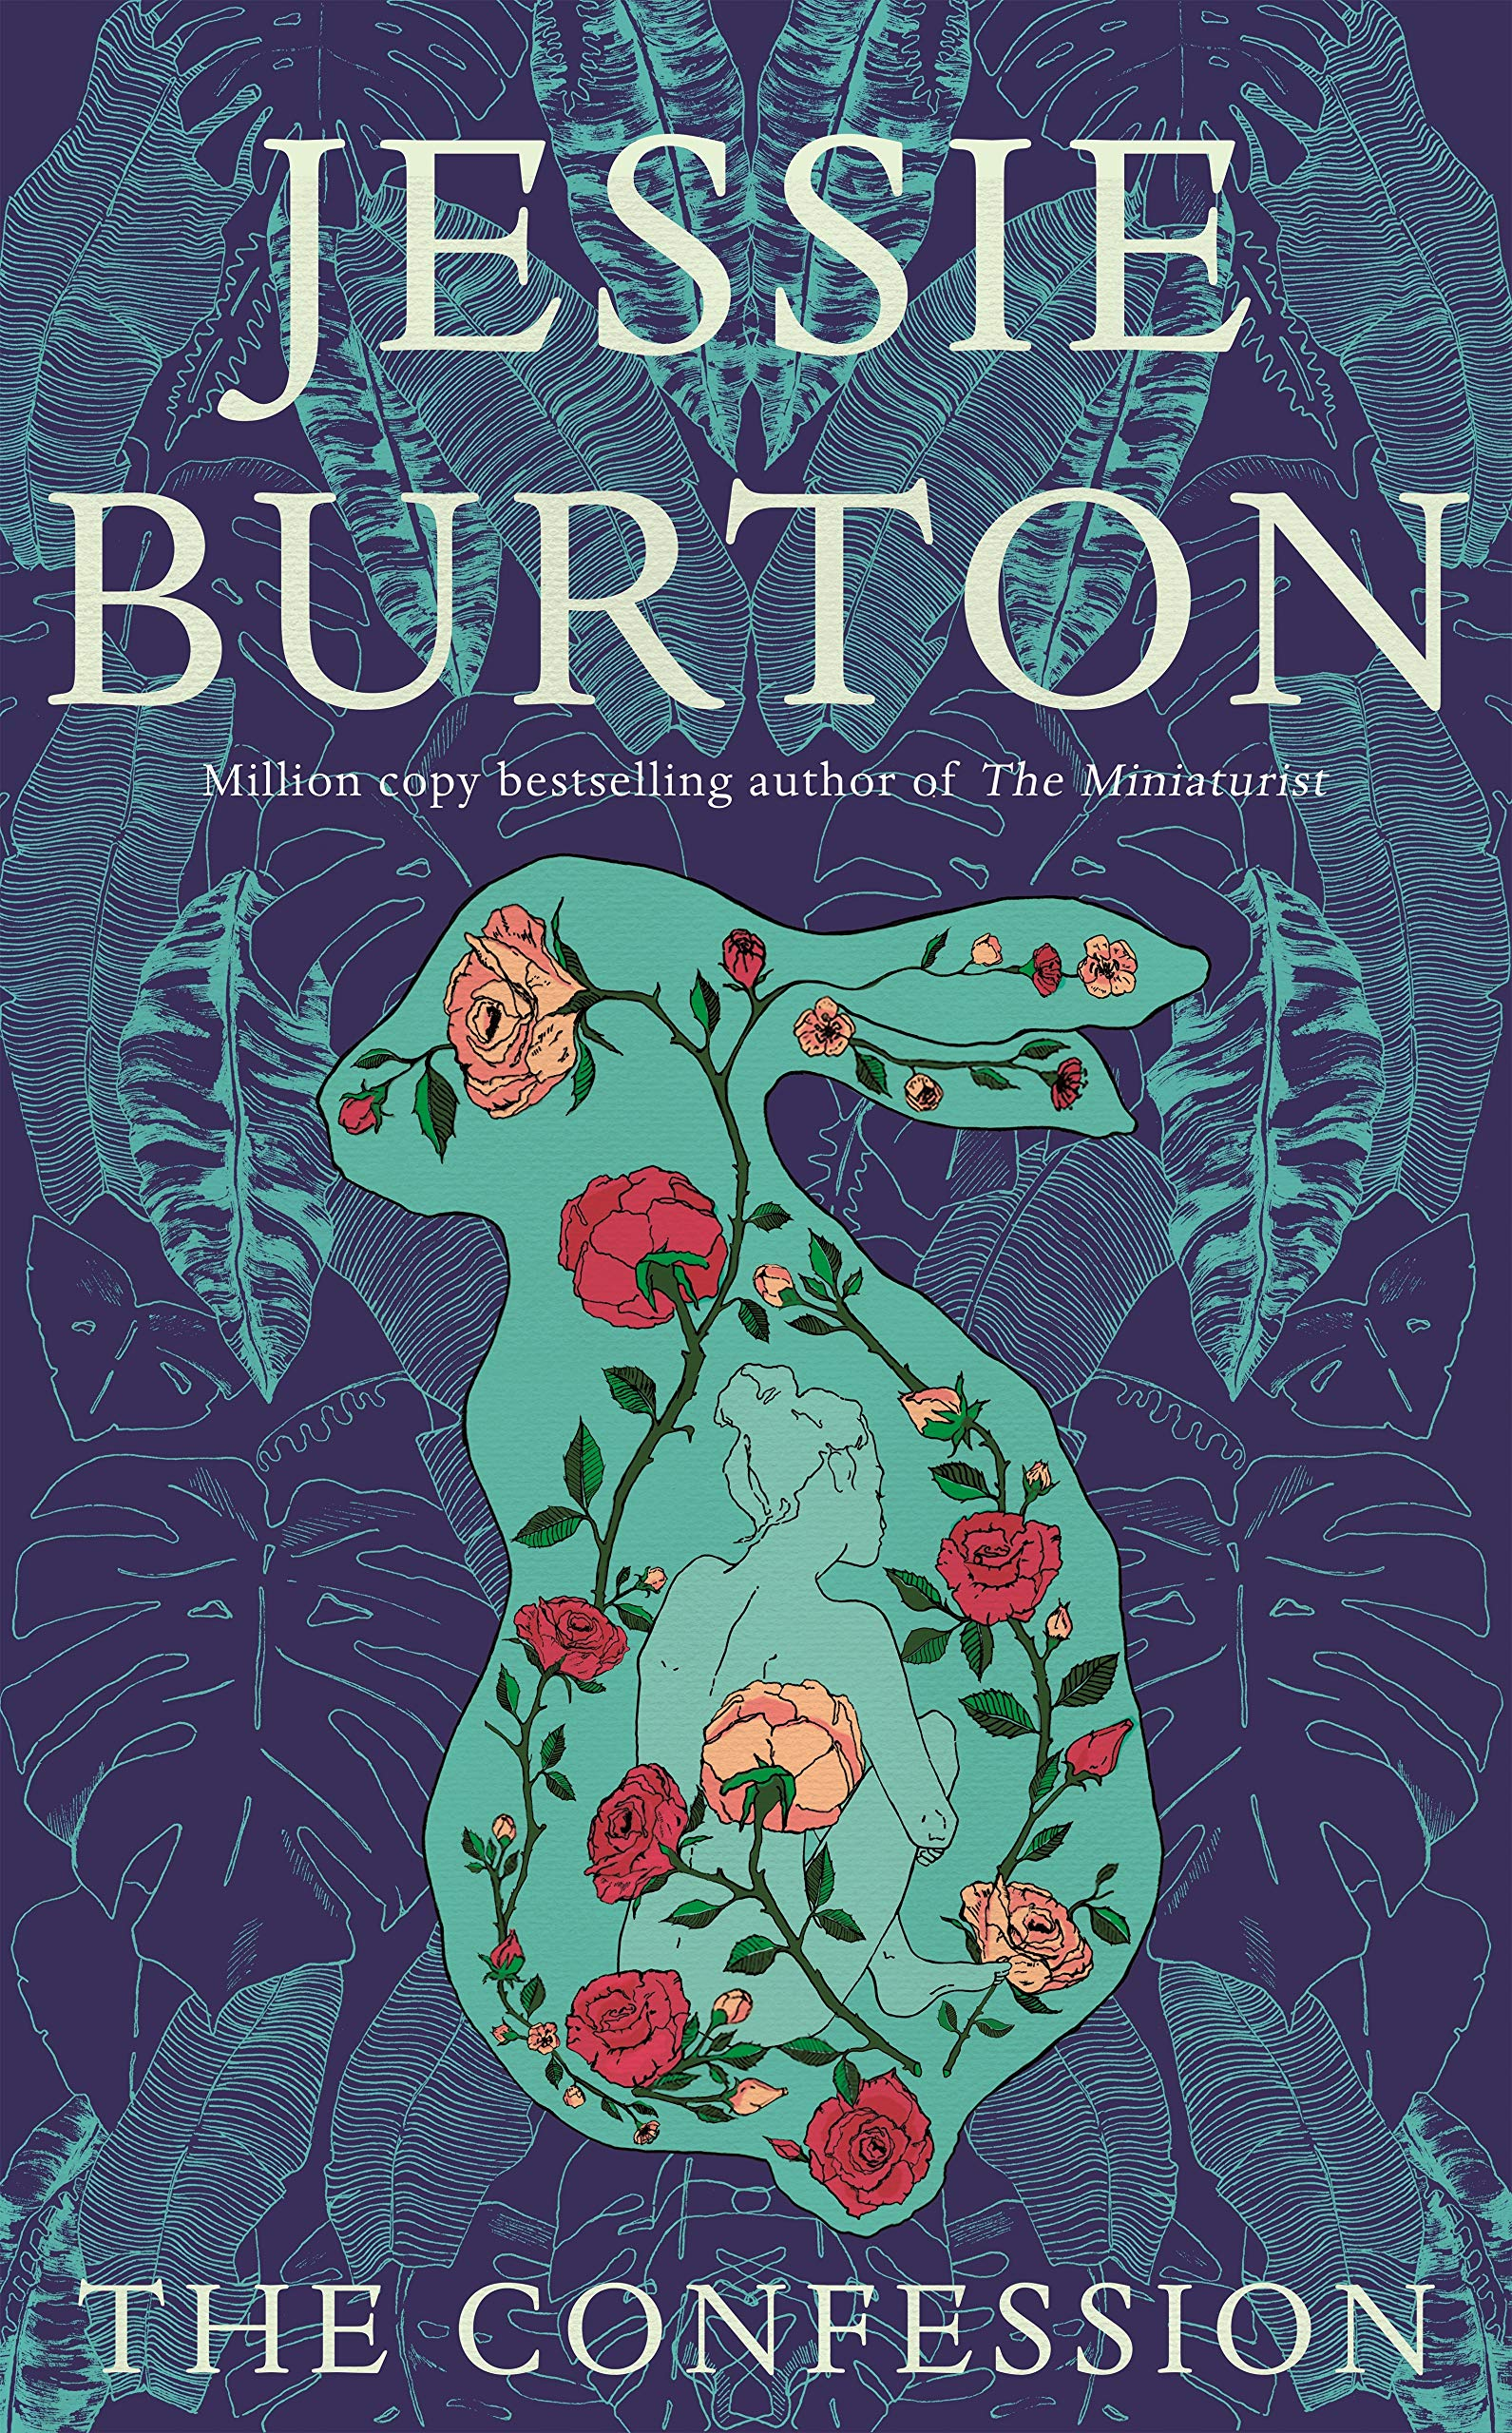 The Confession: Amazon.co.uk: Burton, Jessie: 9781509886142: Books